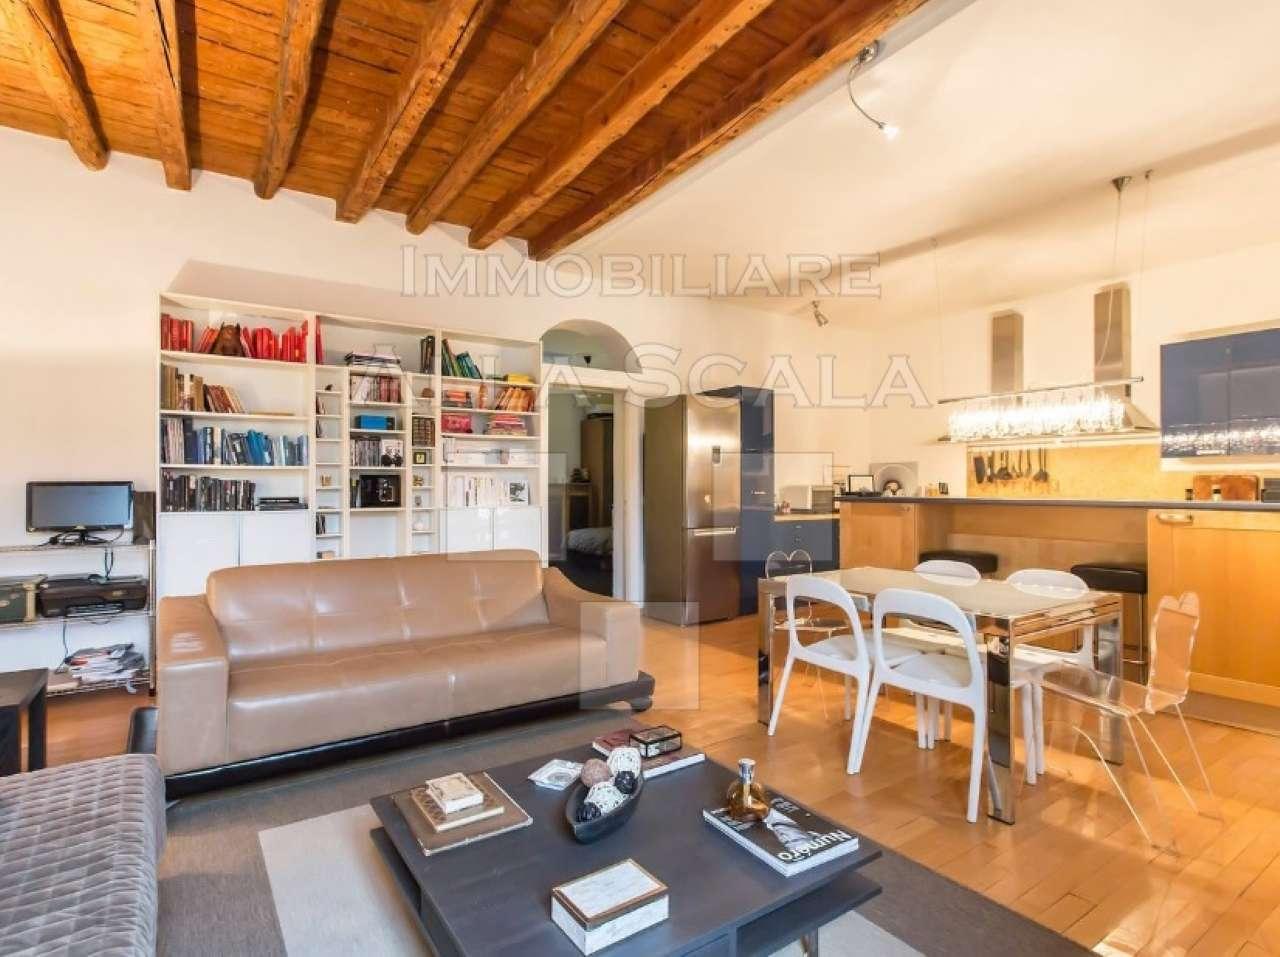 Appartamento in Affitto a Milano 15 Castelbarco / Argelati / Navigli: 2 locali, 75 mq